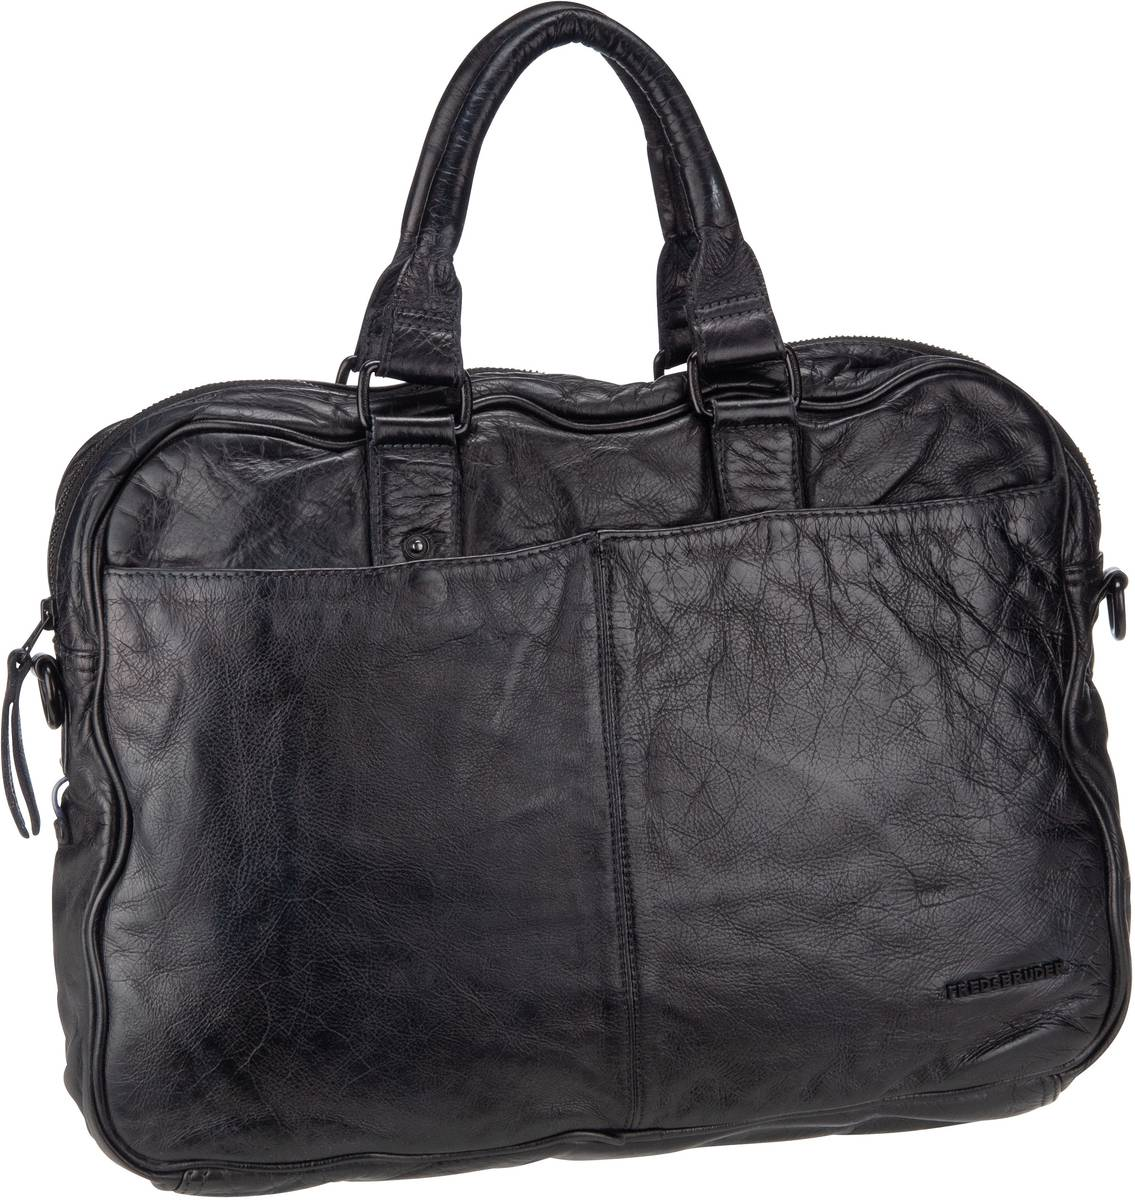 Businesstaschen für Frauen - Fredsbruder Aktentasche Fraternity Black  - Onlineshop Taschenkaufhaus